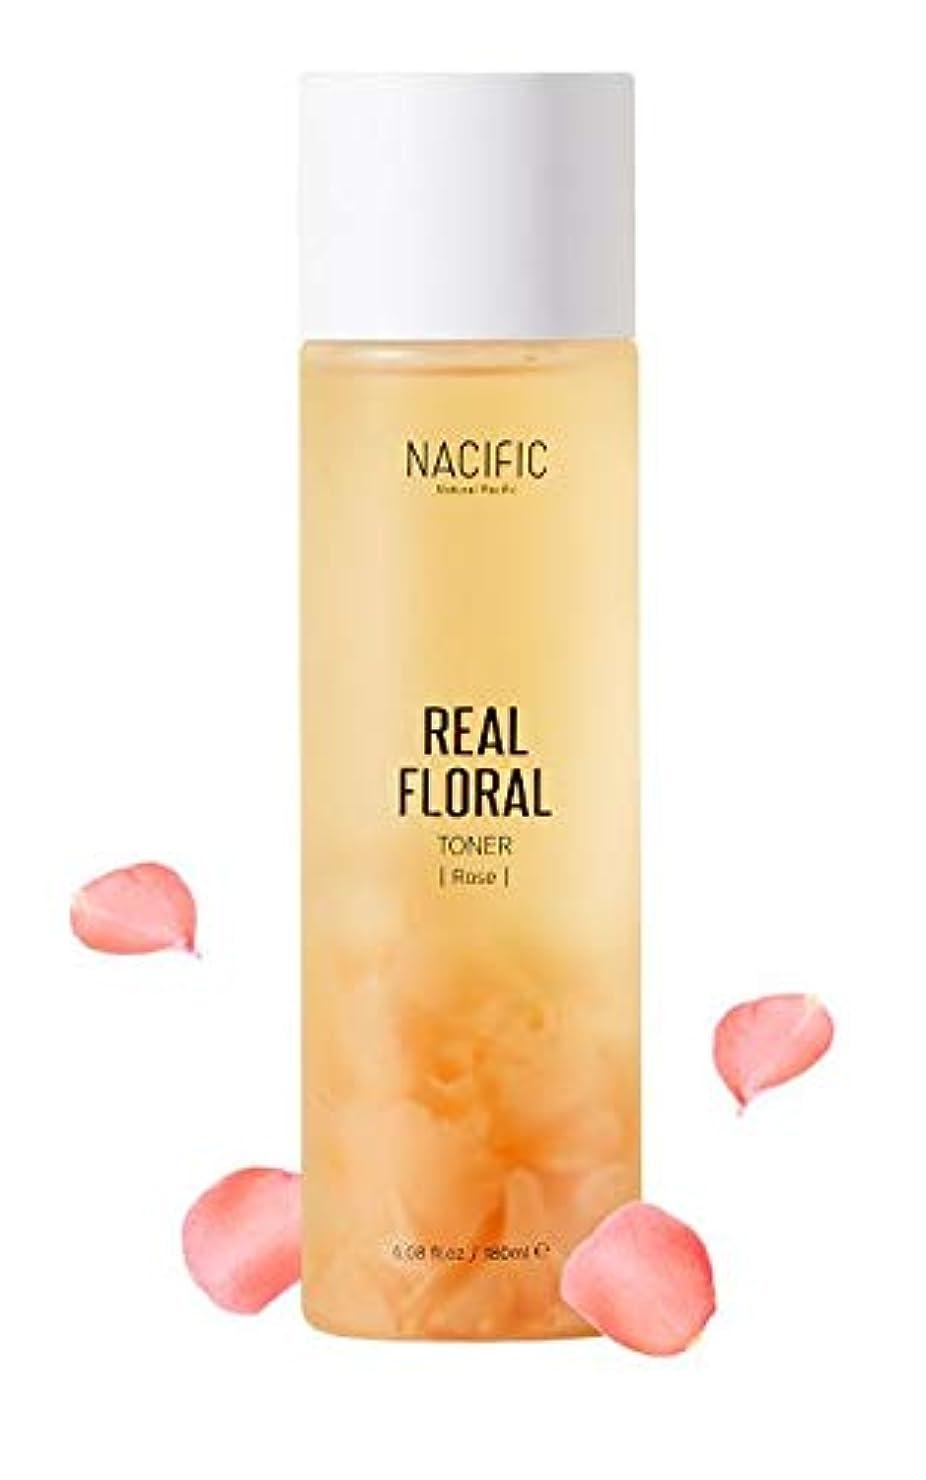 発行する学者反対に[Nacific] Real Floral Toner(Rose) 180ml /[ナシフィック] リアル フローラル トナー(ローズ) 180ml [並行輸入品]